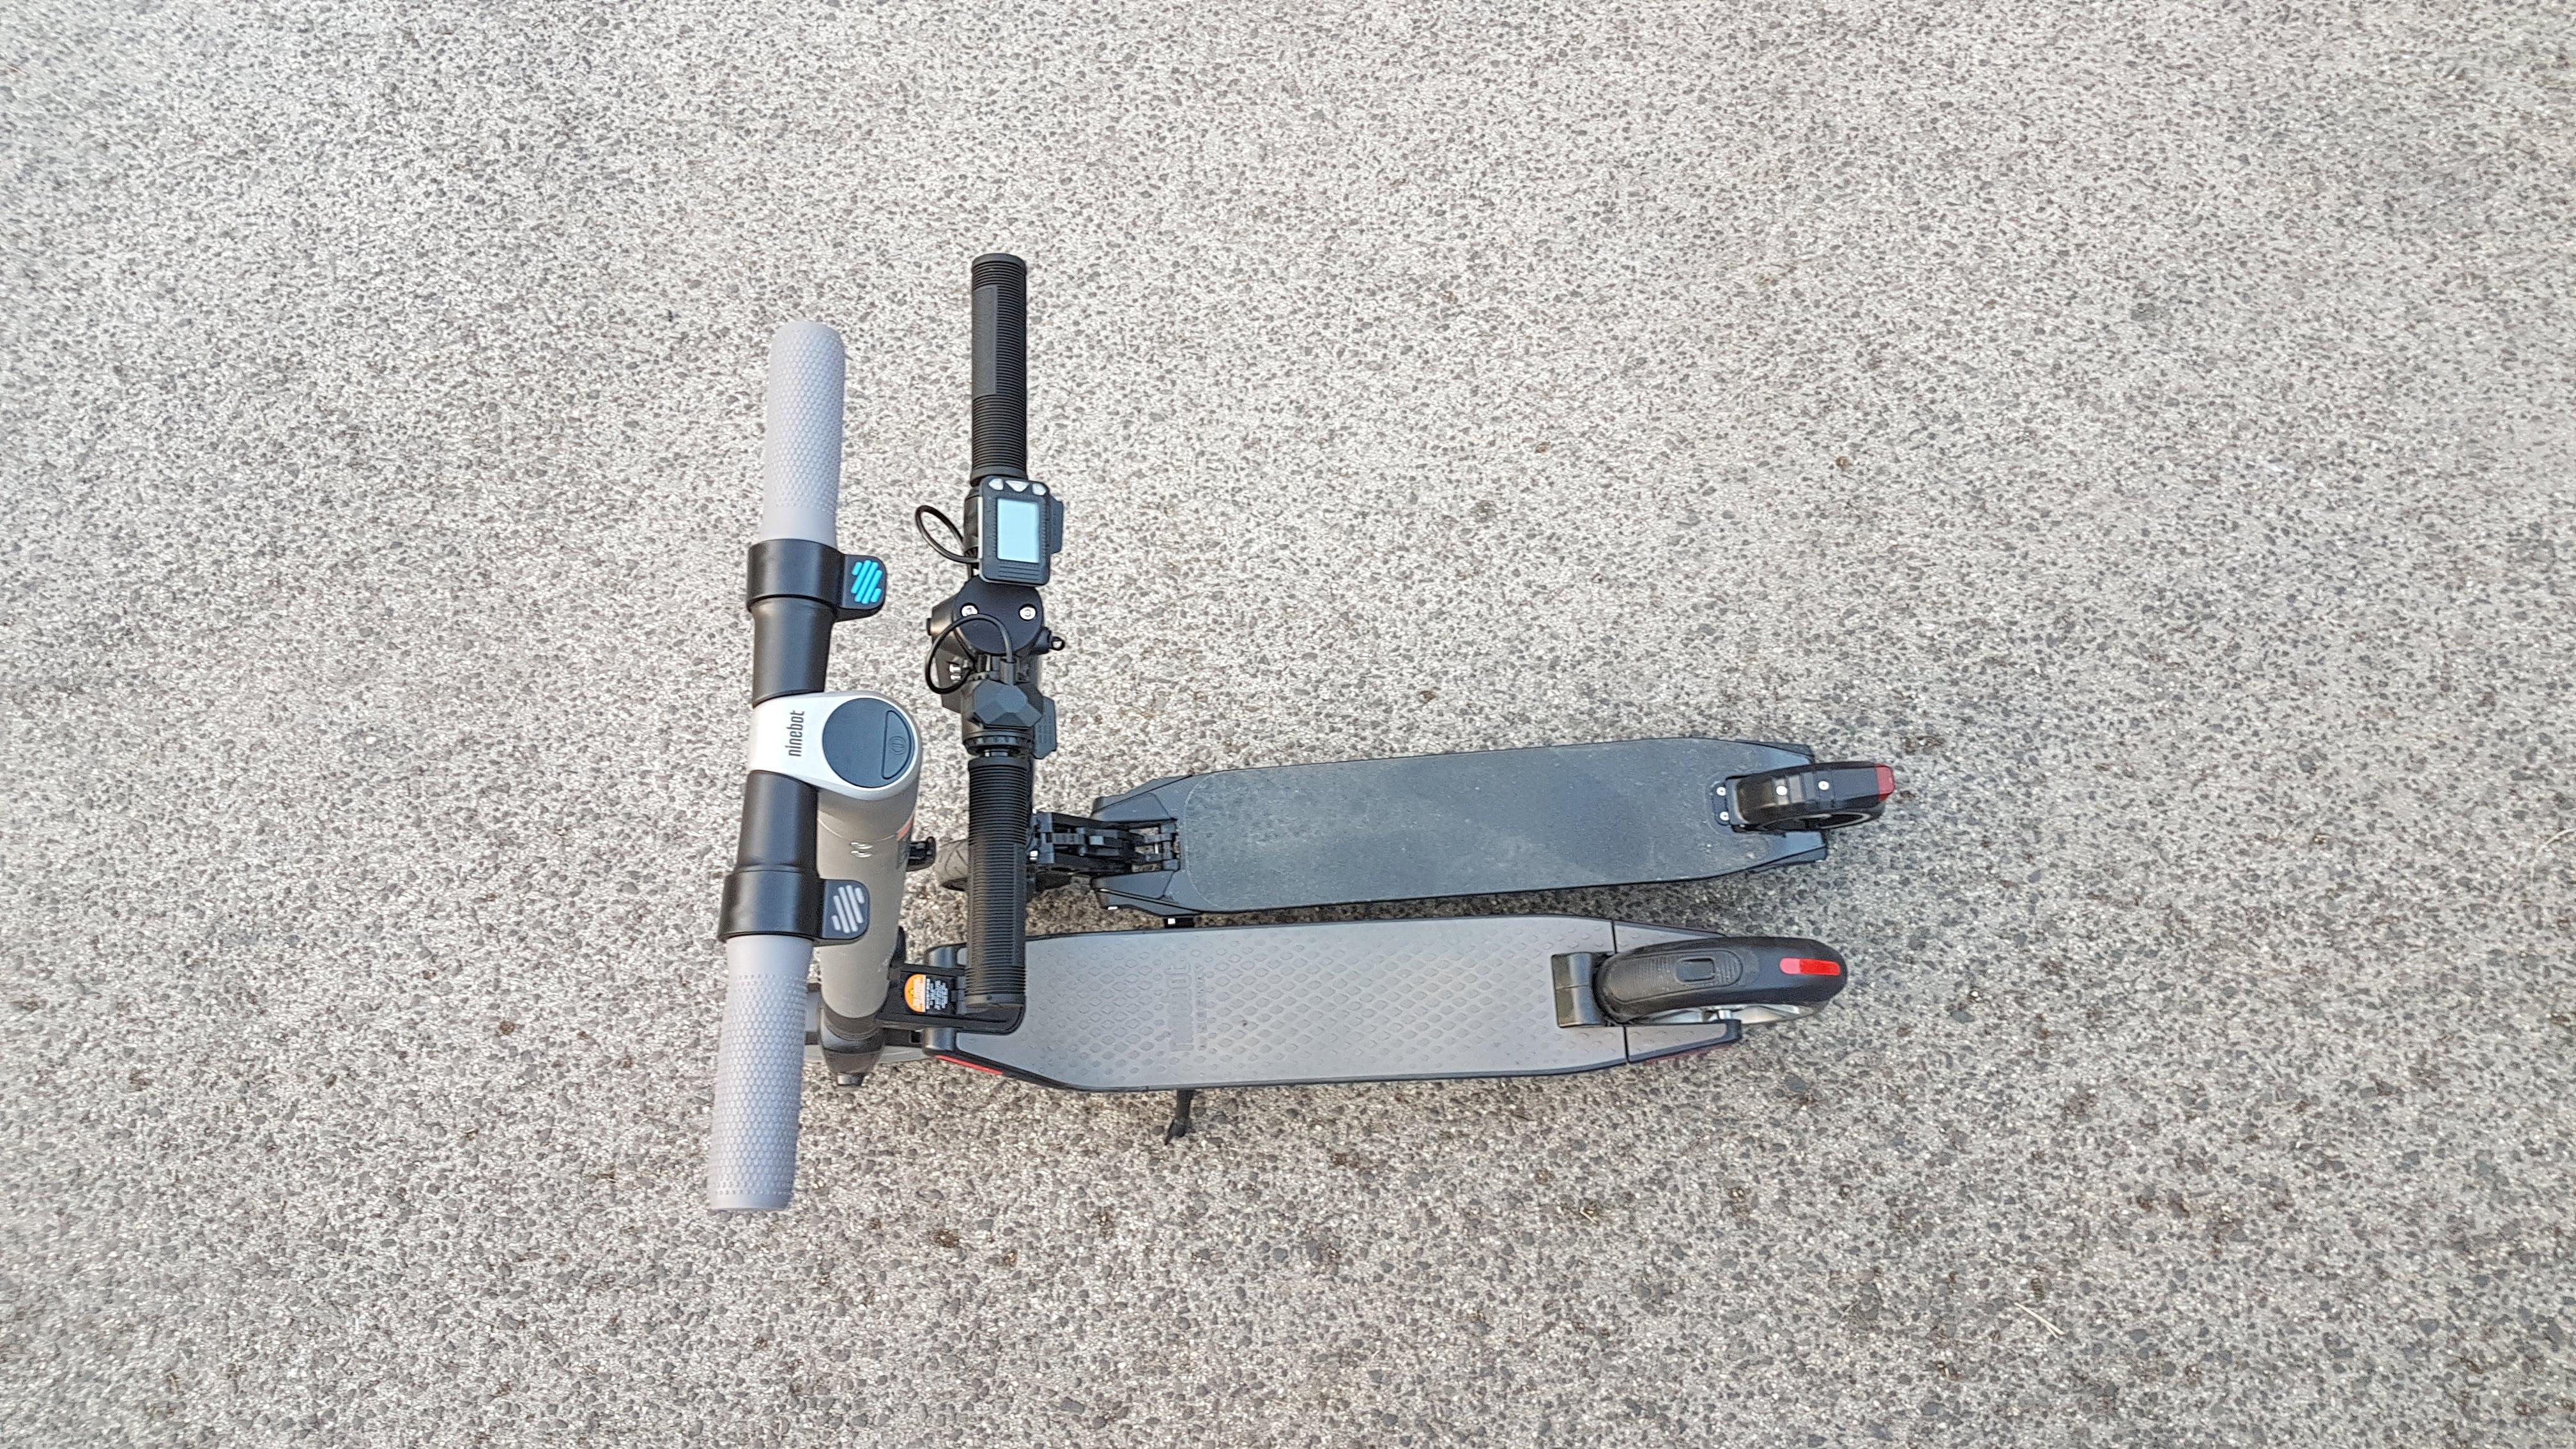 carbon-fiber-a-hordozhato-elektromos-roller-teszt-osszecsukhato-6600mAh-akkumulator-akksi-5.5-colos-kerek-32